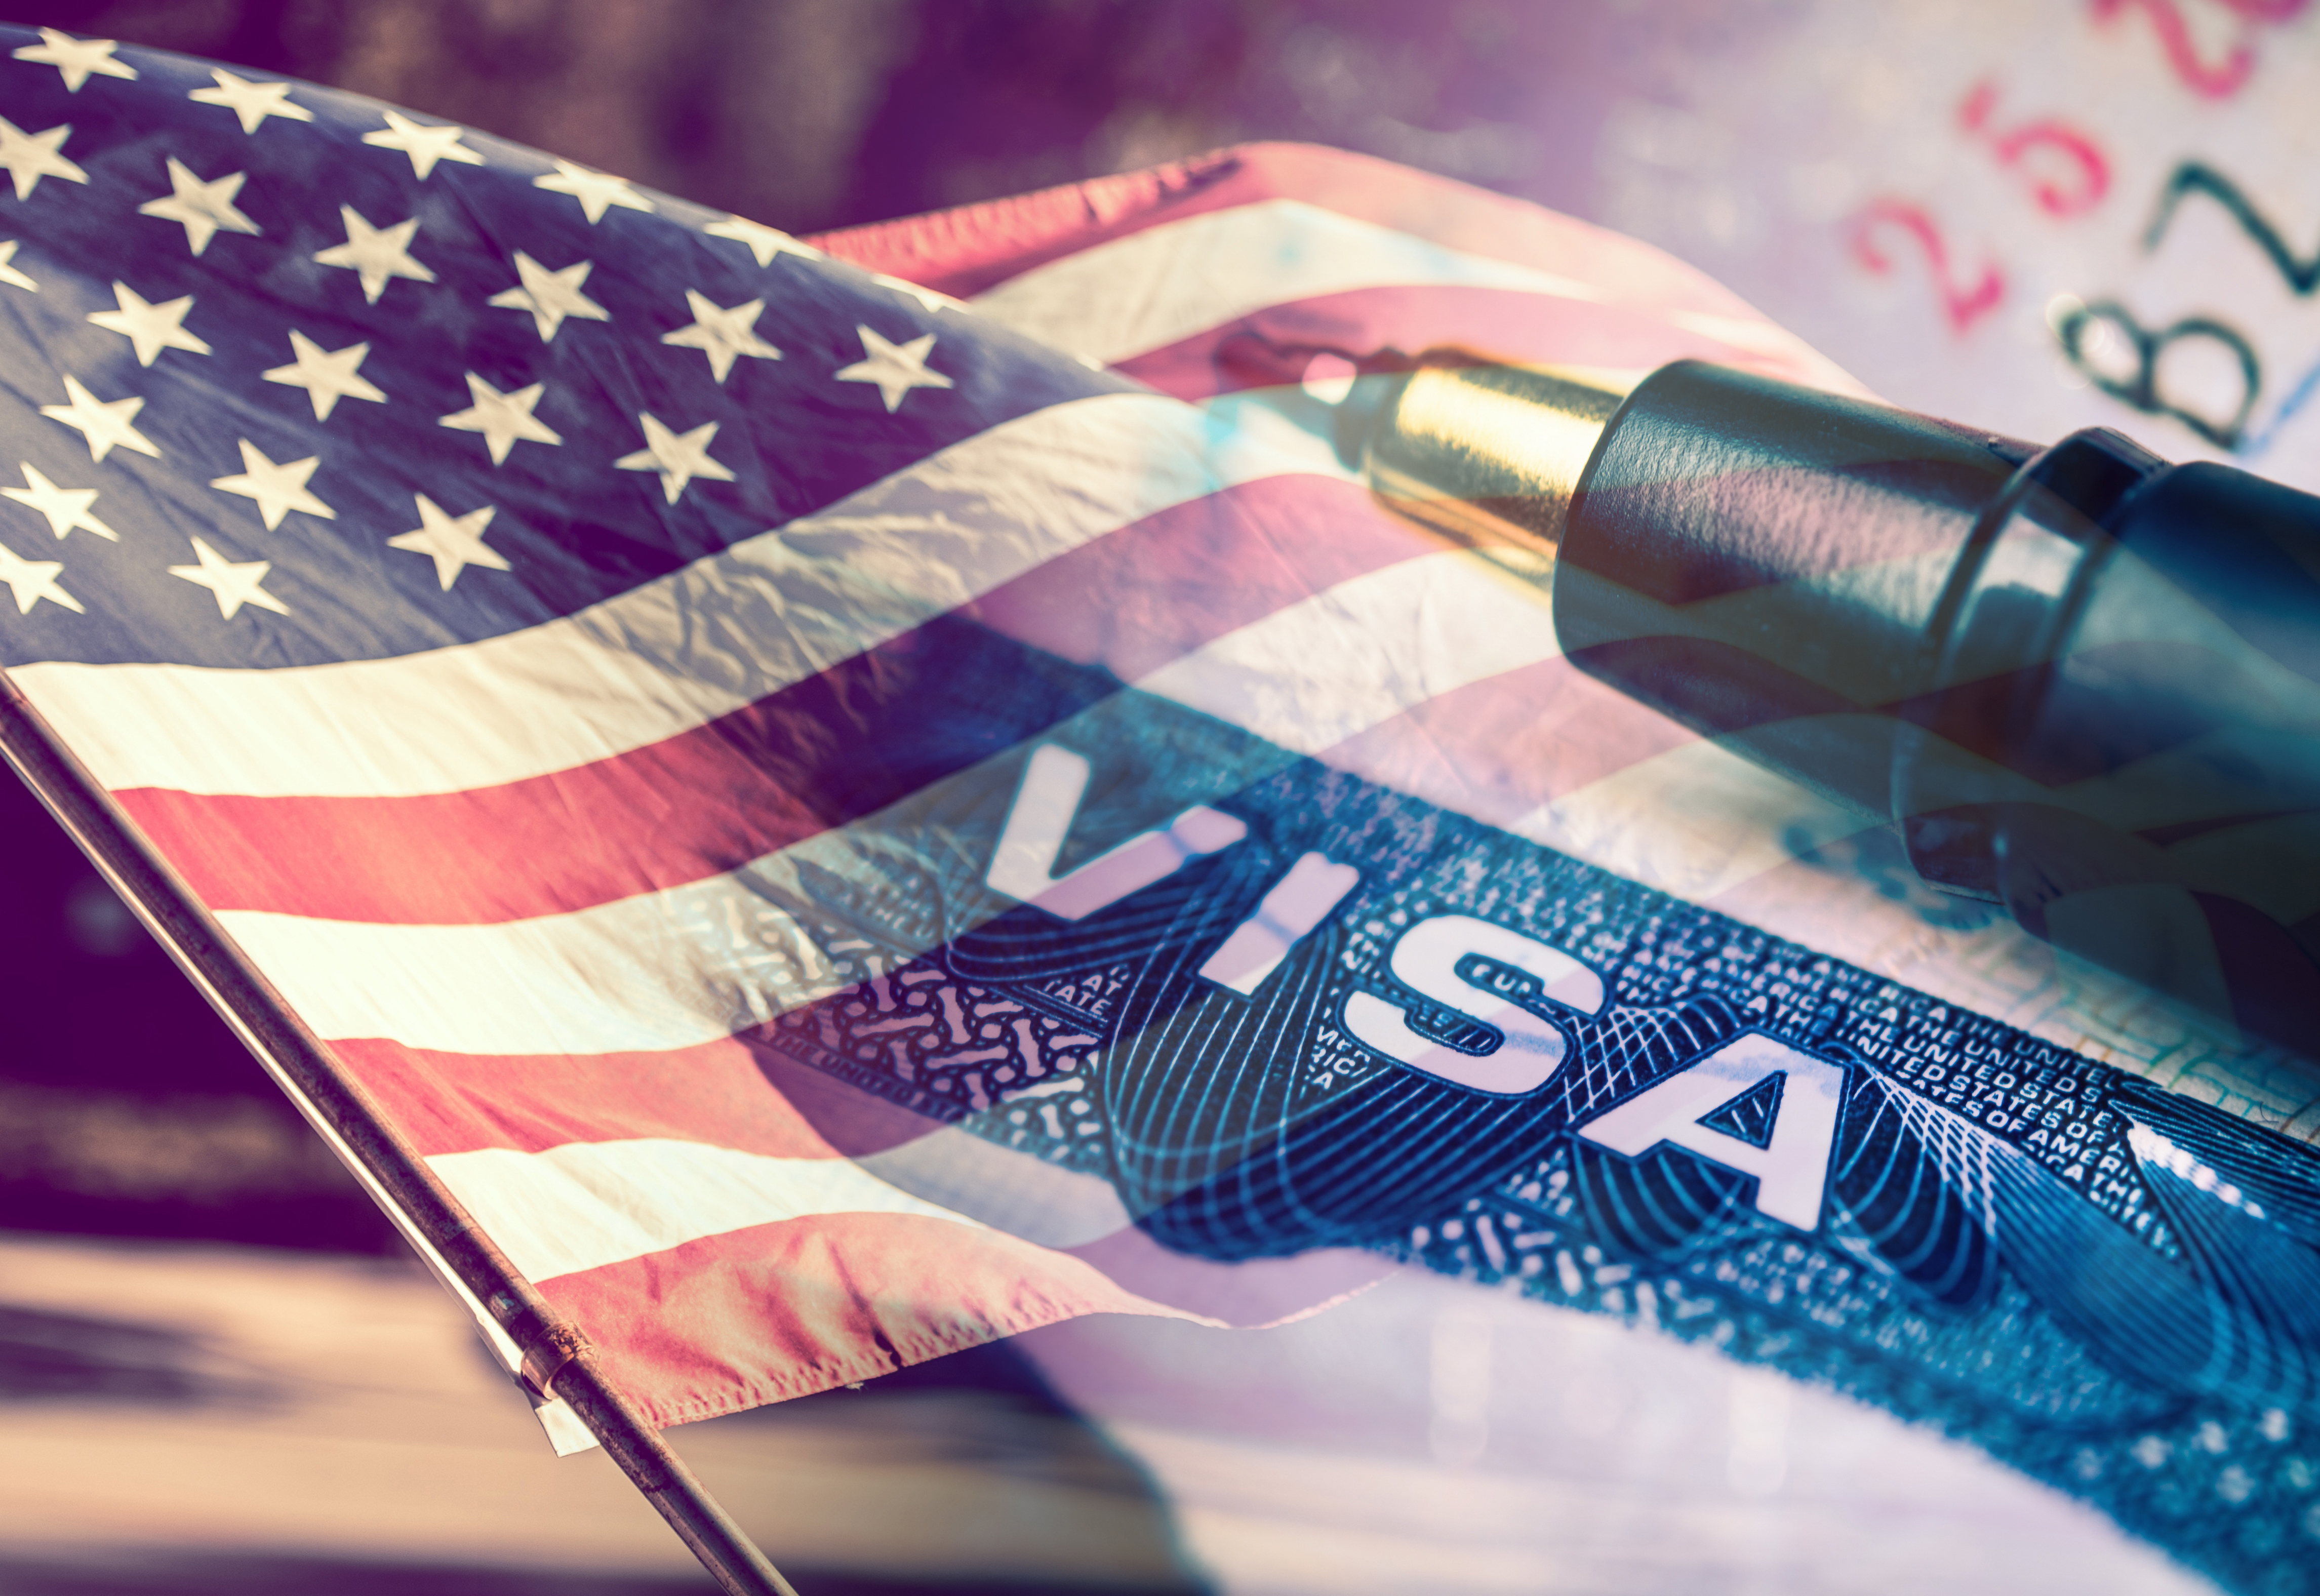 Флаг и виза США, которые прекращают выдачу виз в диппредставительствах РФ